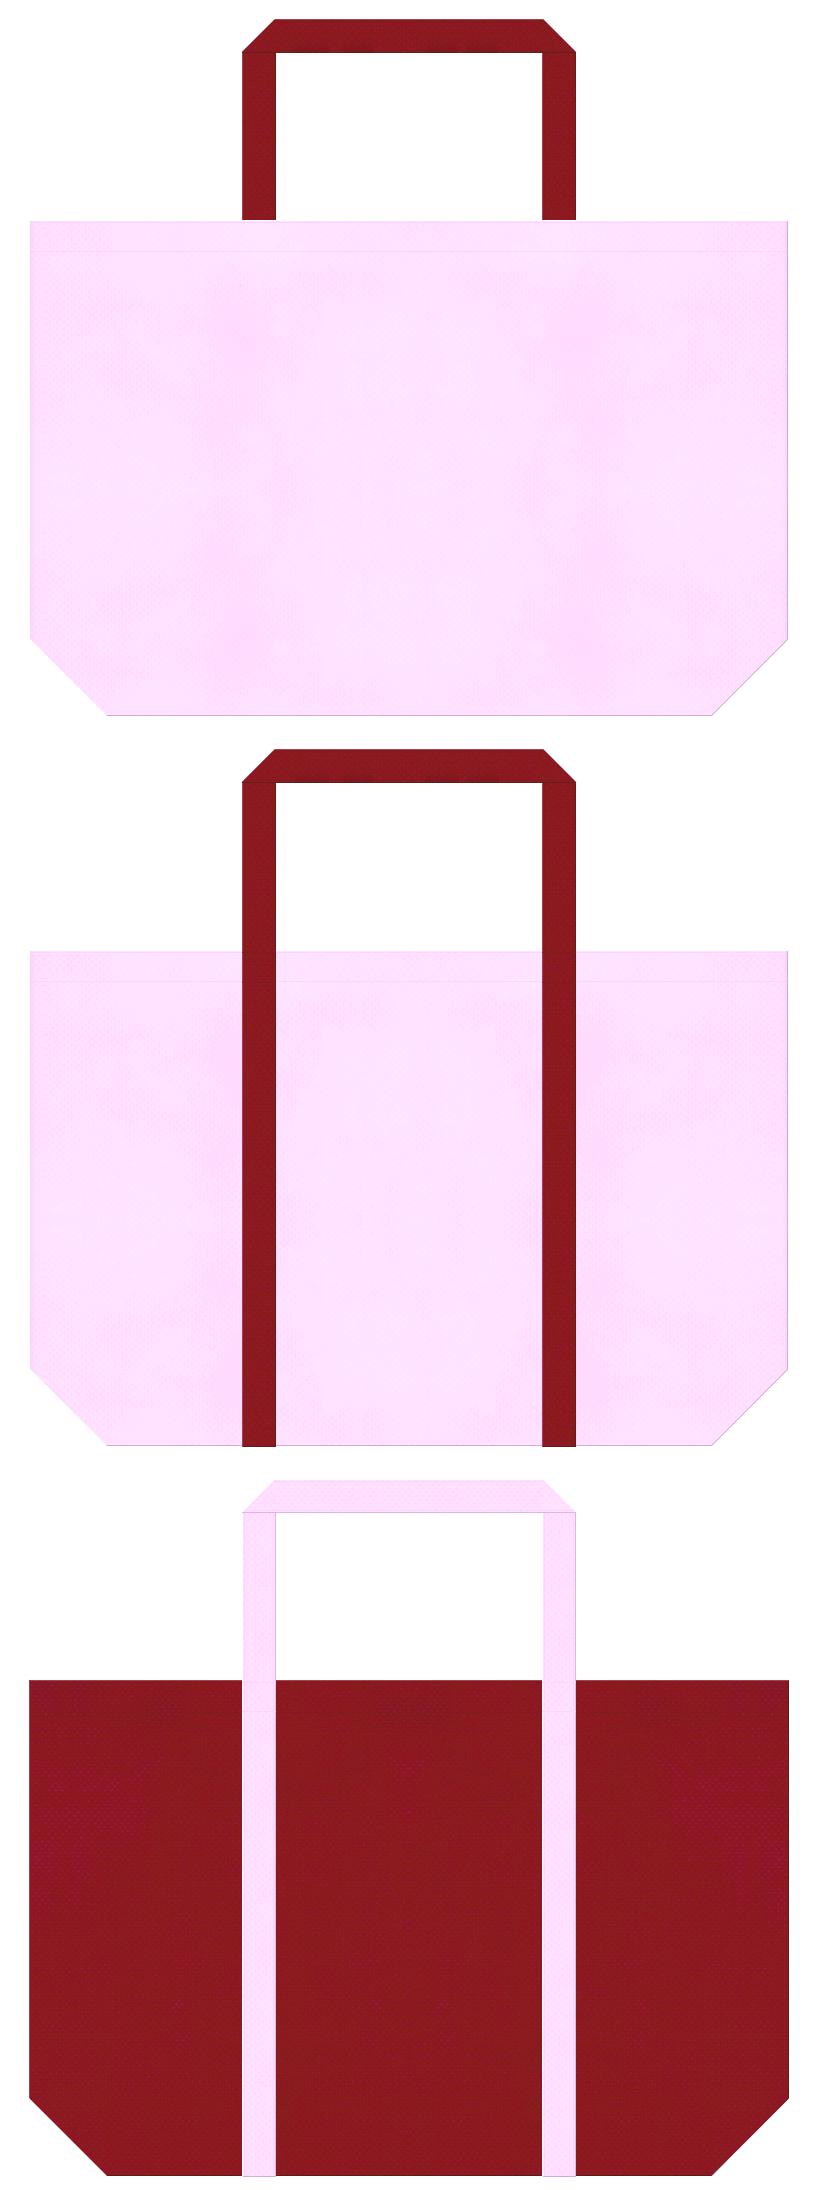 学校・学園・オープンキャンパス・レッスンバッグ・着物・振袖・成人式・ひな祭り・お正月・写真館・和風催事にお奨めの不織布バッグデザイン:パステルピンク色とエンジ色のコーデ